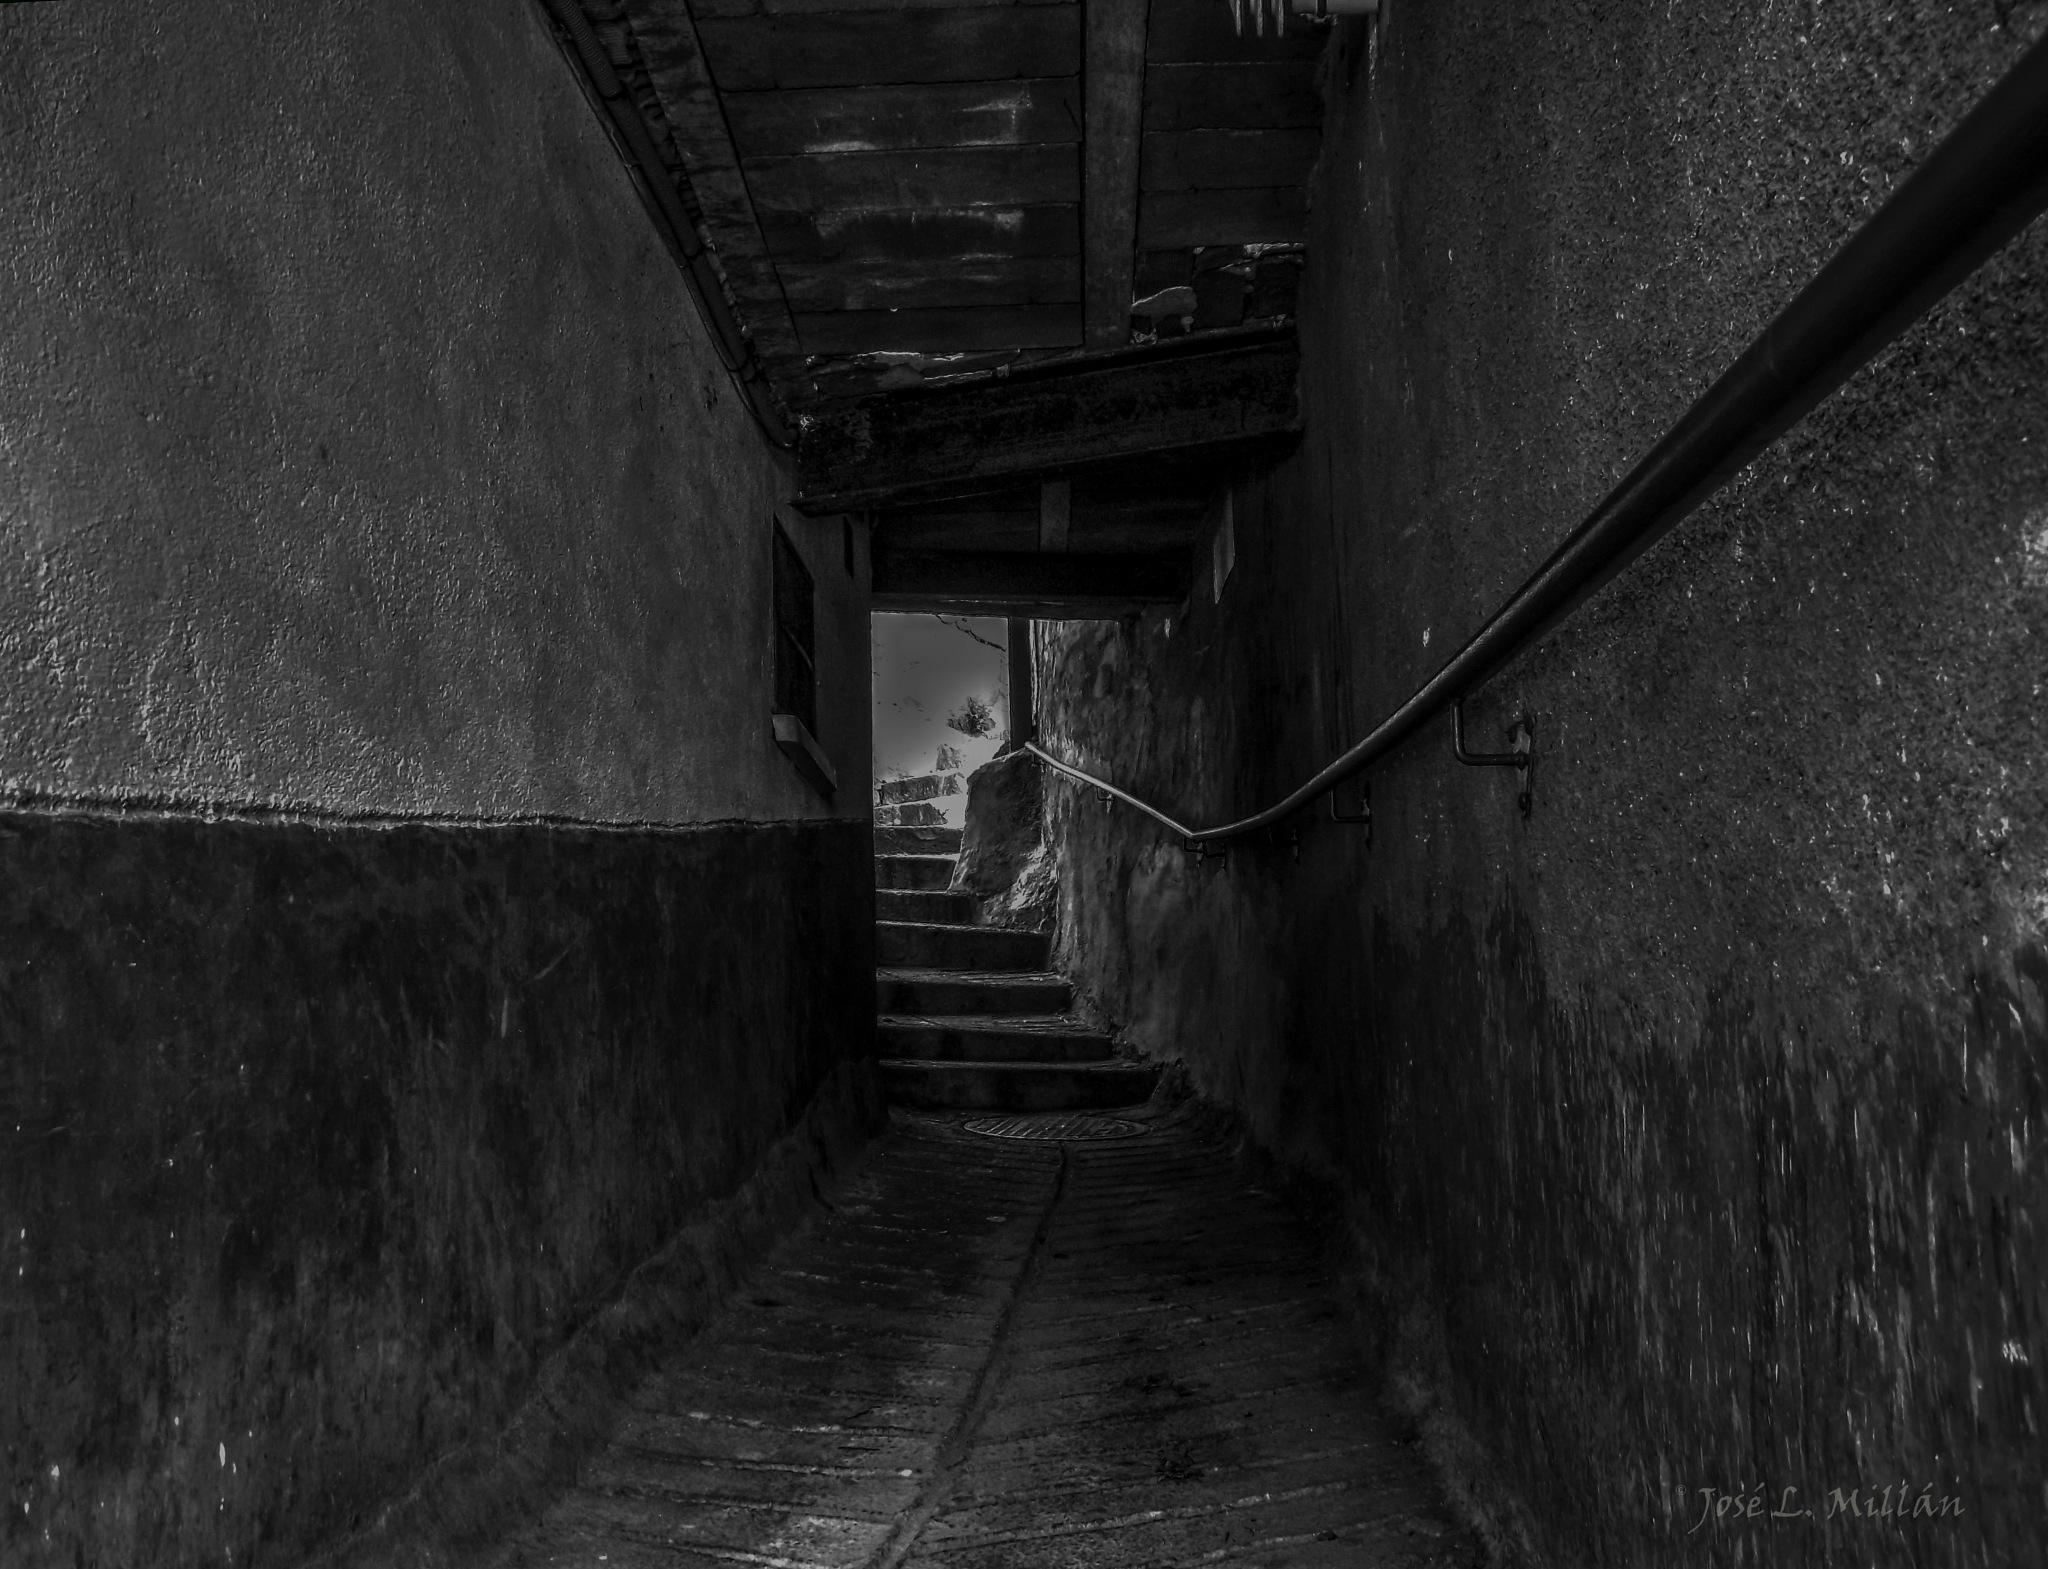 Callejon by JlmmPhotos